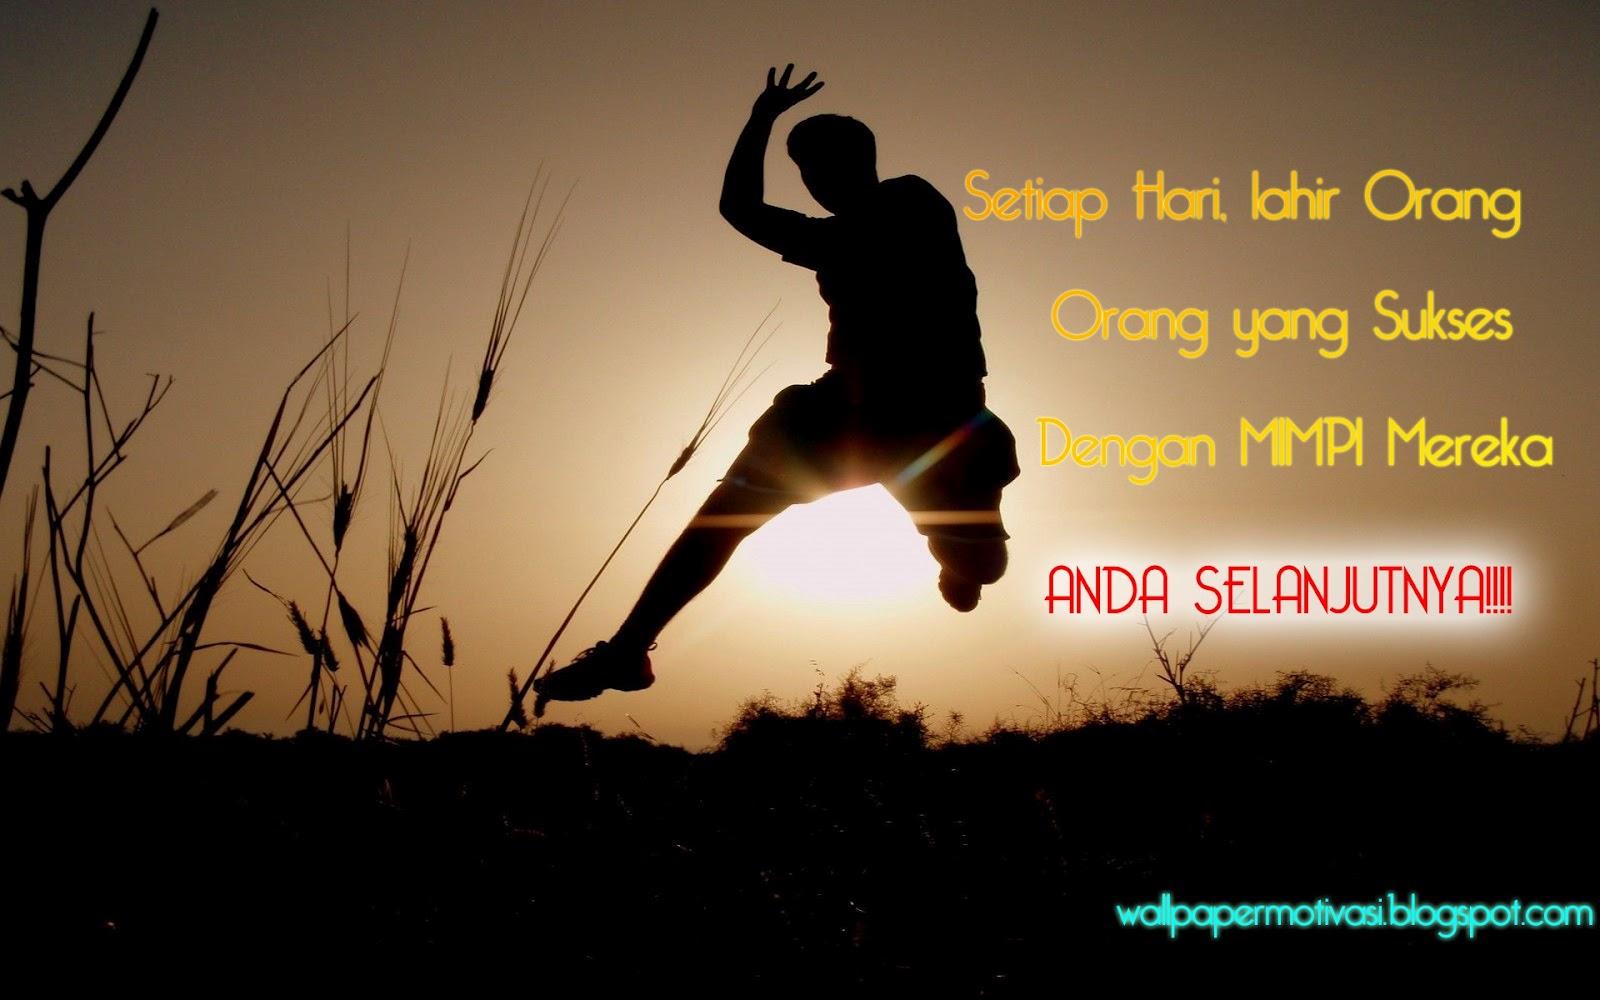 http://1.bp.blogspot.com/-yVrS2pTHA8w/UEvoV3wPvuI/AAAAAAAAAQA/5VLZMmbdBPY/s1600/gambar+motivasi-kata+kata+bijak+tentang+kehidupan-kata+bijak+hari+ini-